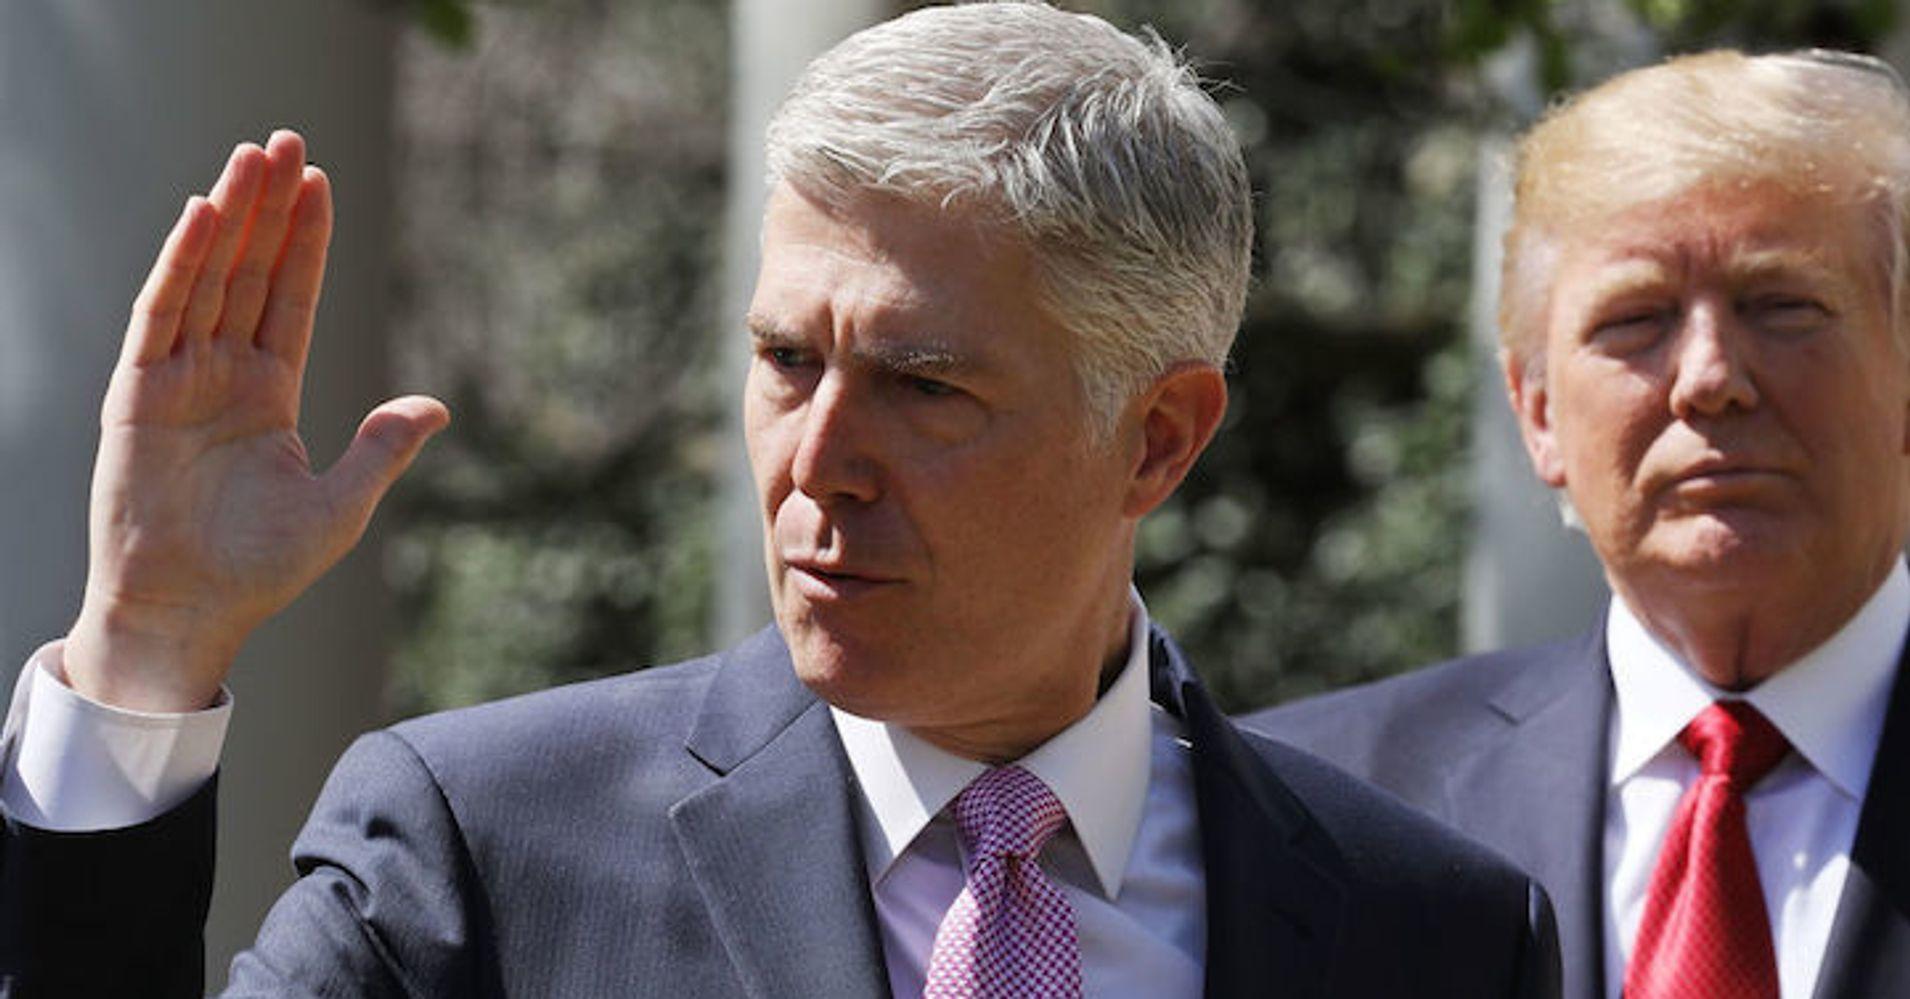 Tax Returns Identify Dark Money Organization As Source of GOP Supreme Court Attacks